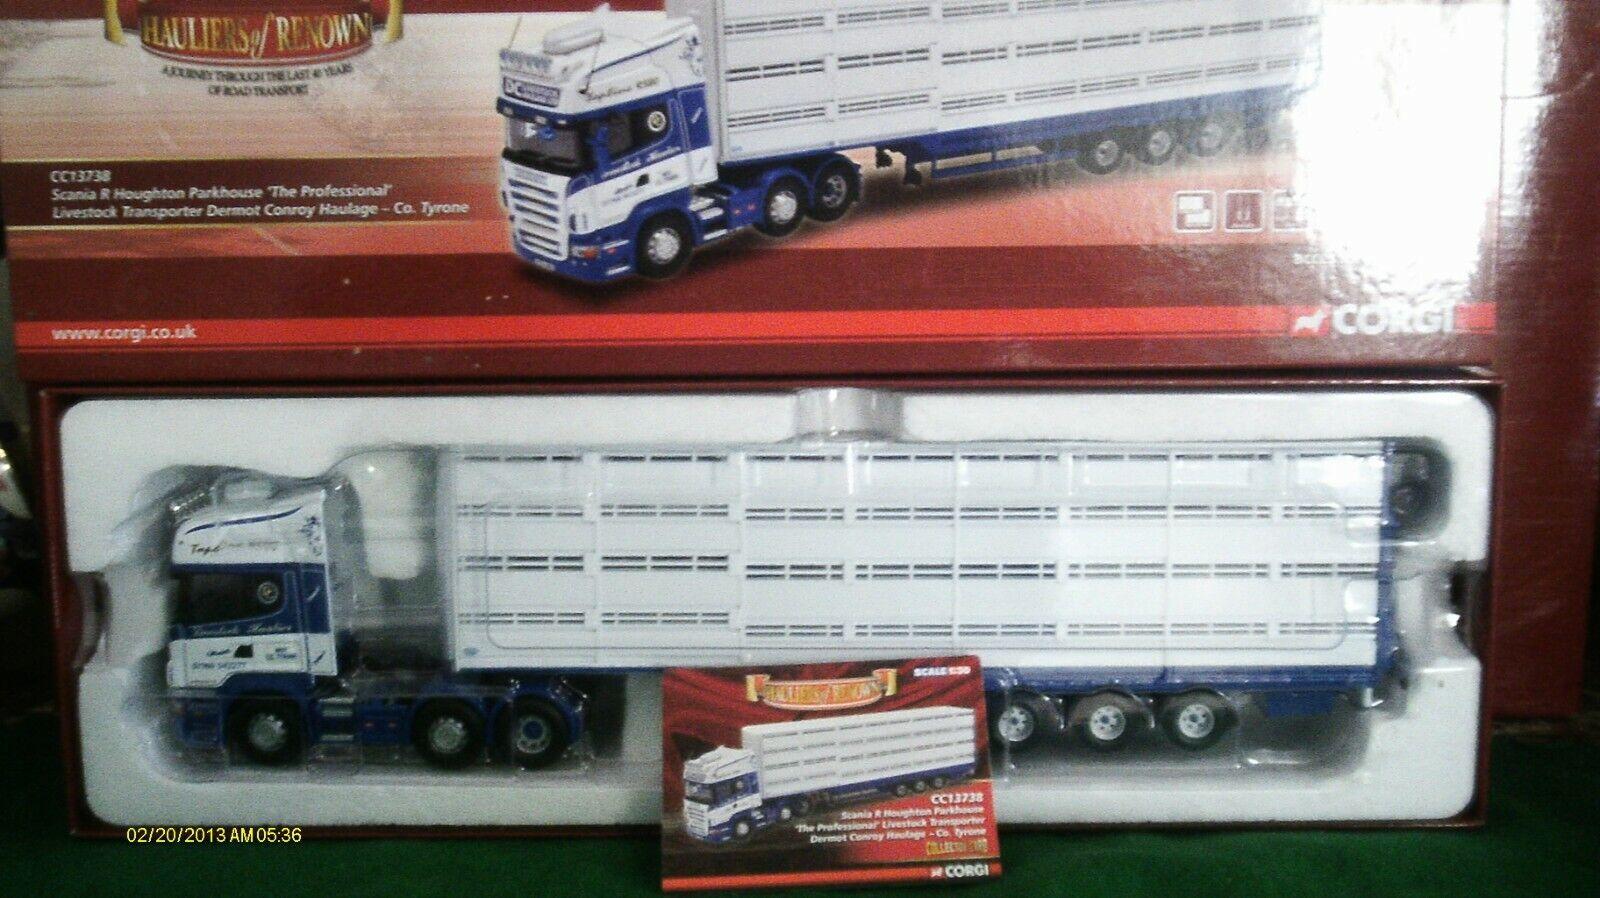 Corgi Camión Moderno Pesado CC13738 Scania R ganado Dermot Conroy 1 50